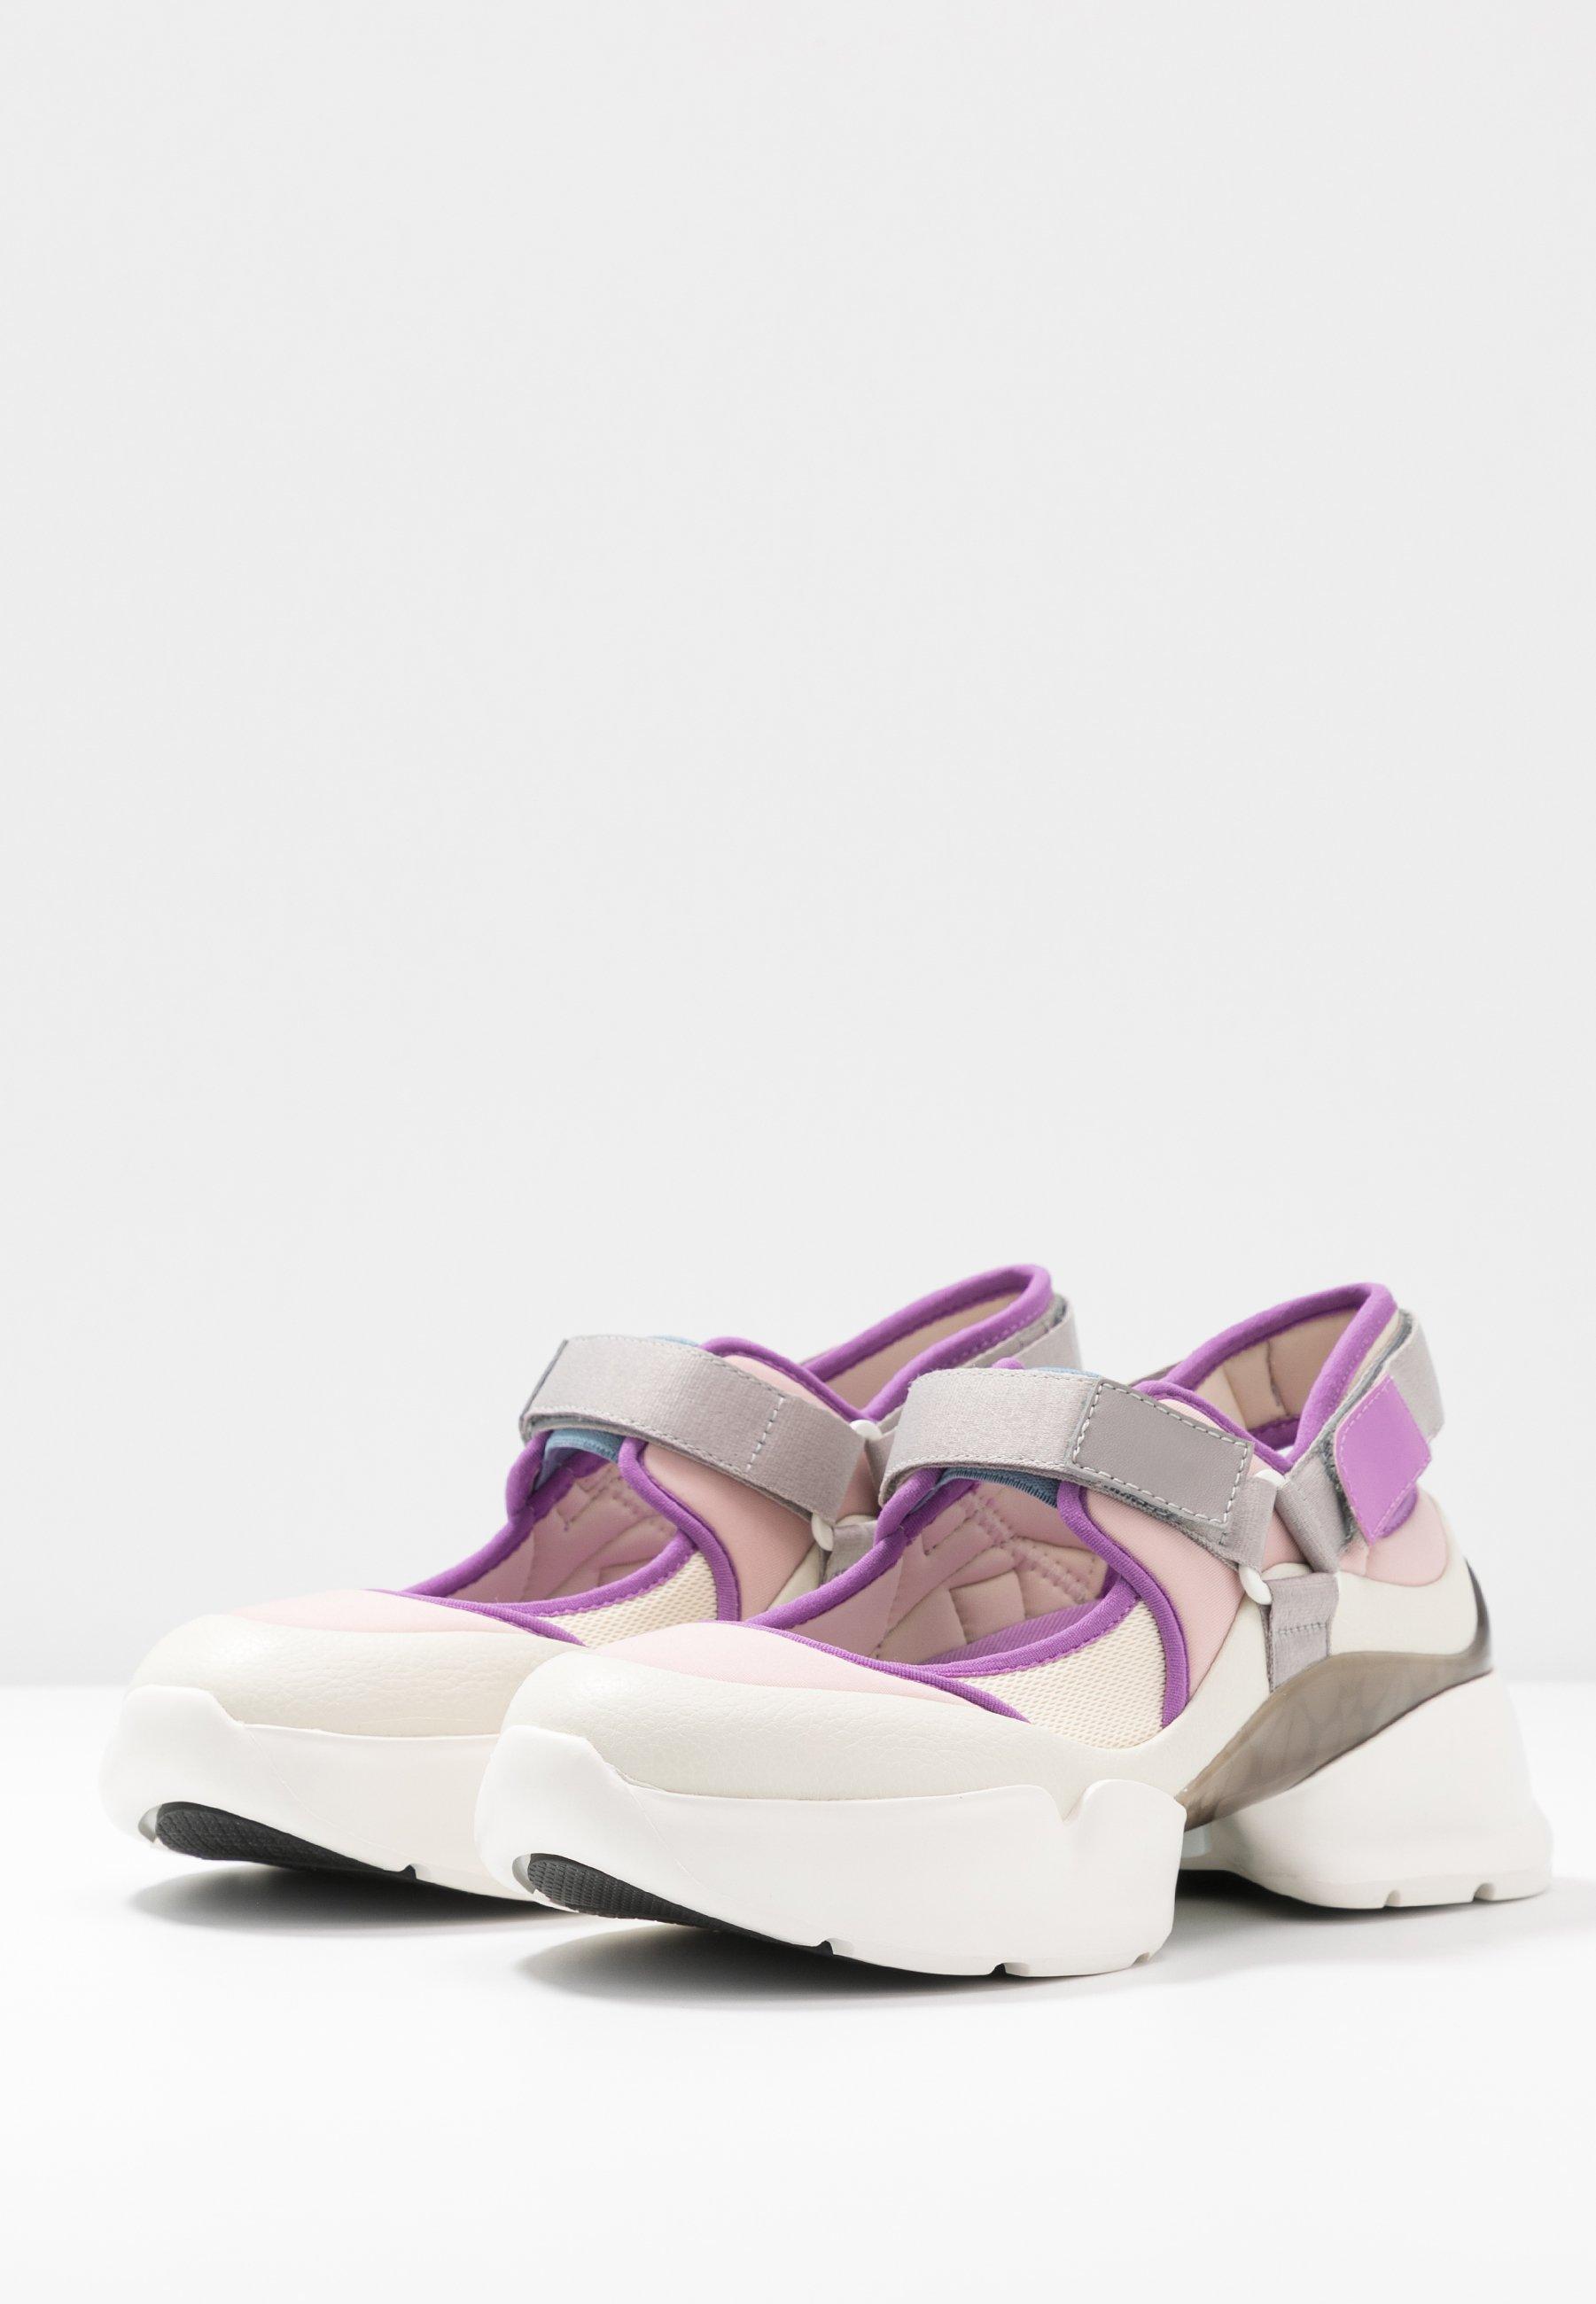 kate spade new york MARY JANE RUNWAY - Joggesko - tutu pink/iris bloom/pink/lilac